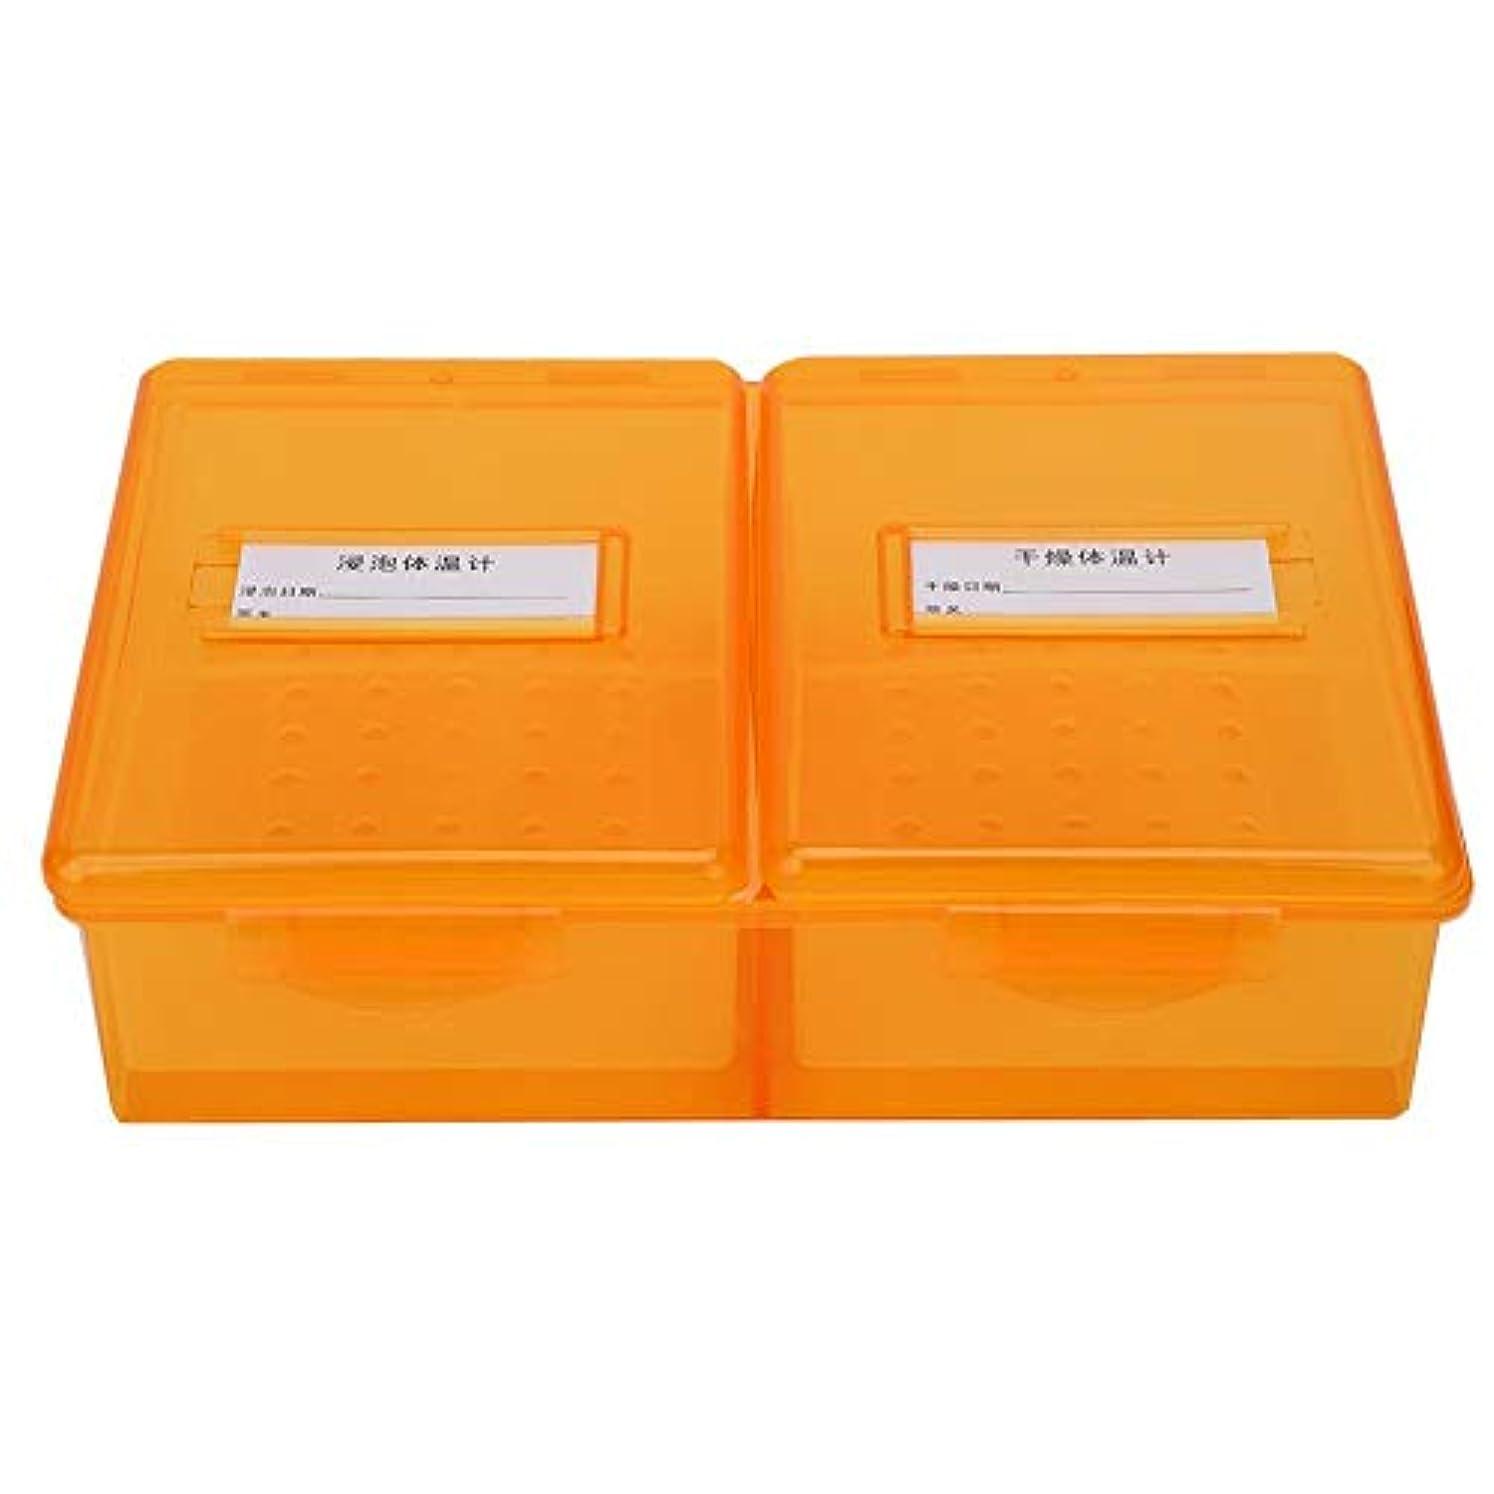 おじいちゃんスリラー熟す滅菌ケース、多機能ピンセットネイルツール滅菌ボックス(オレンジ)